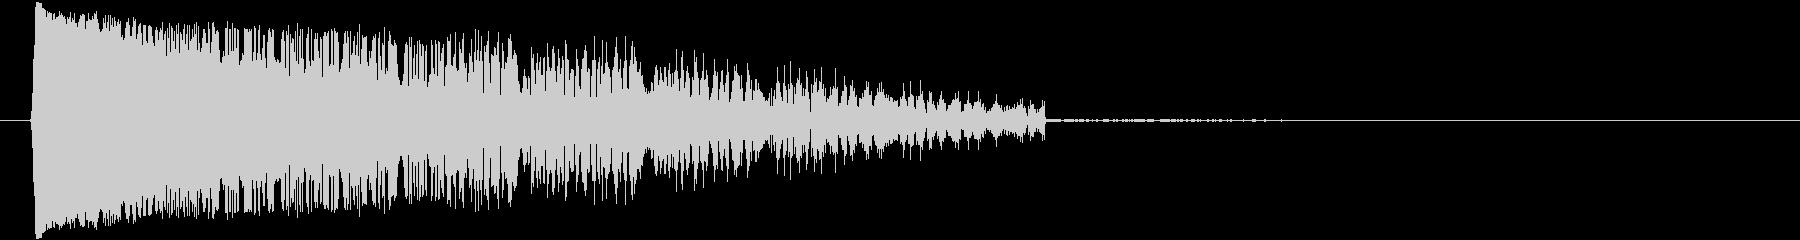 ケタケタケタ↓(笑い声、鳴き声、おばけ)の未再生の波形